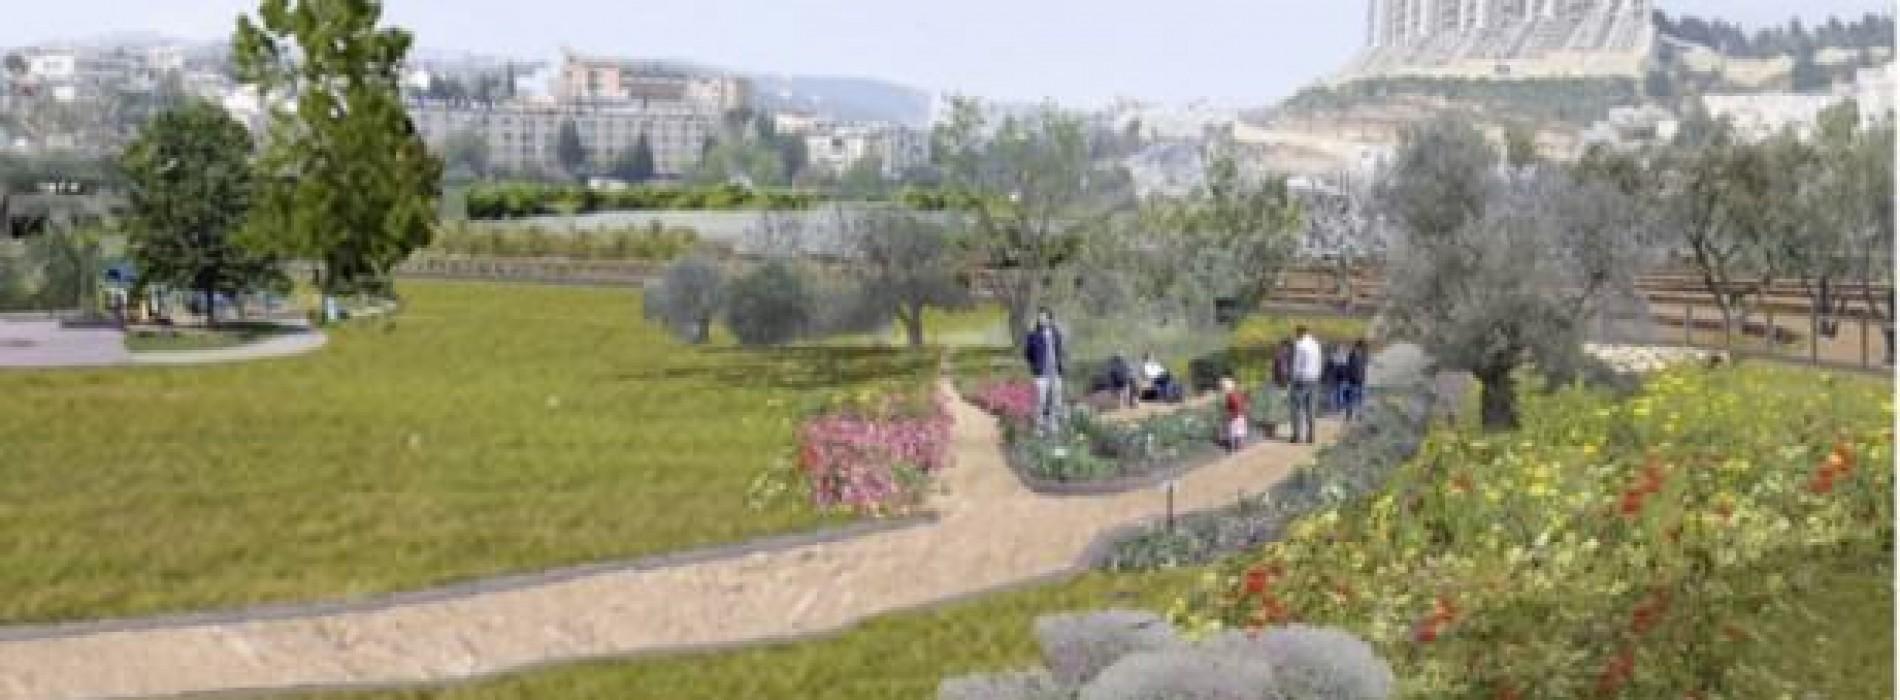 Un parc natural din inima Ierusalimului e plin de gazele